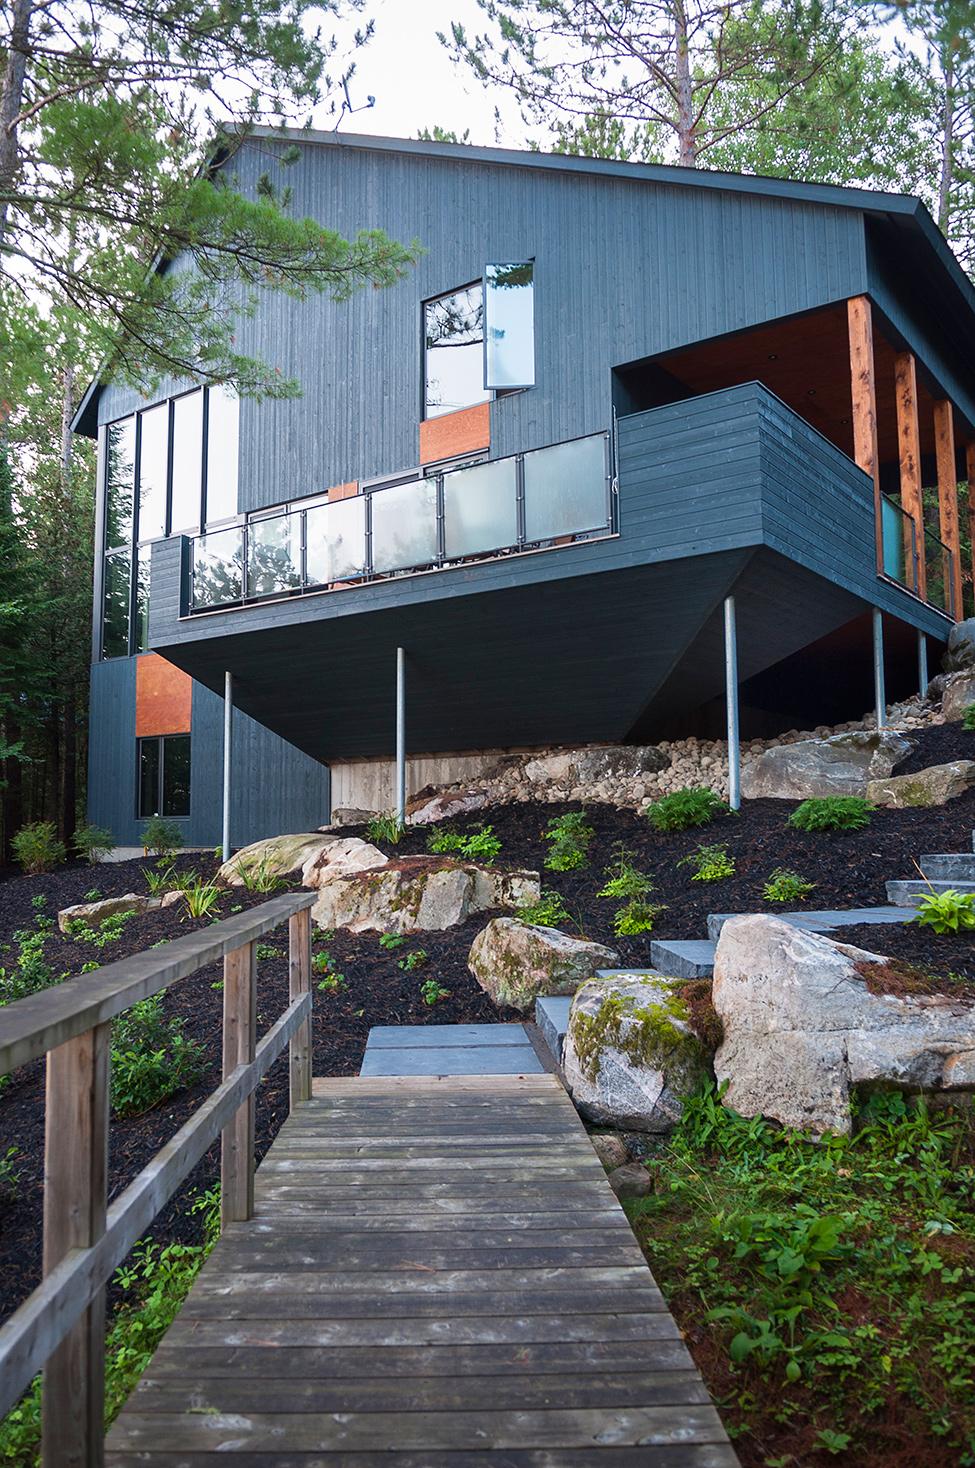 Maison bois forestière par Anick Pelockuin à Messines